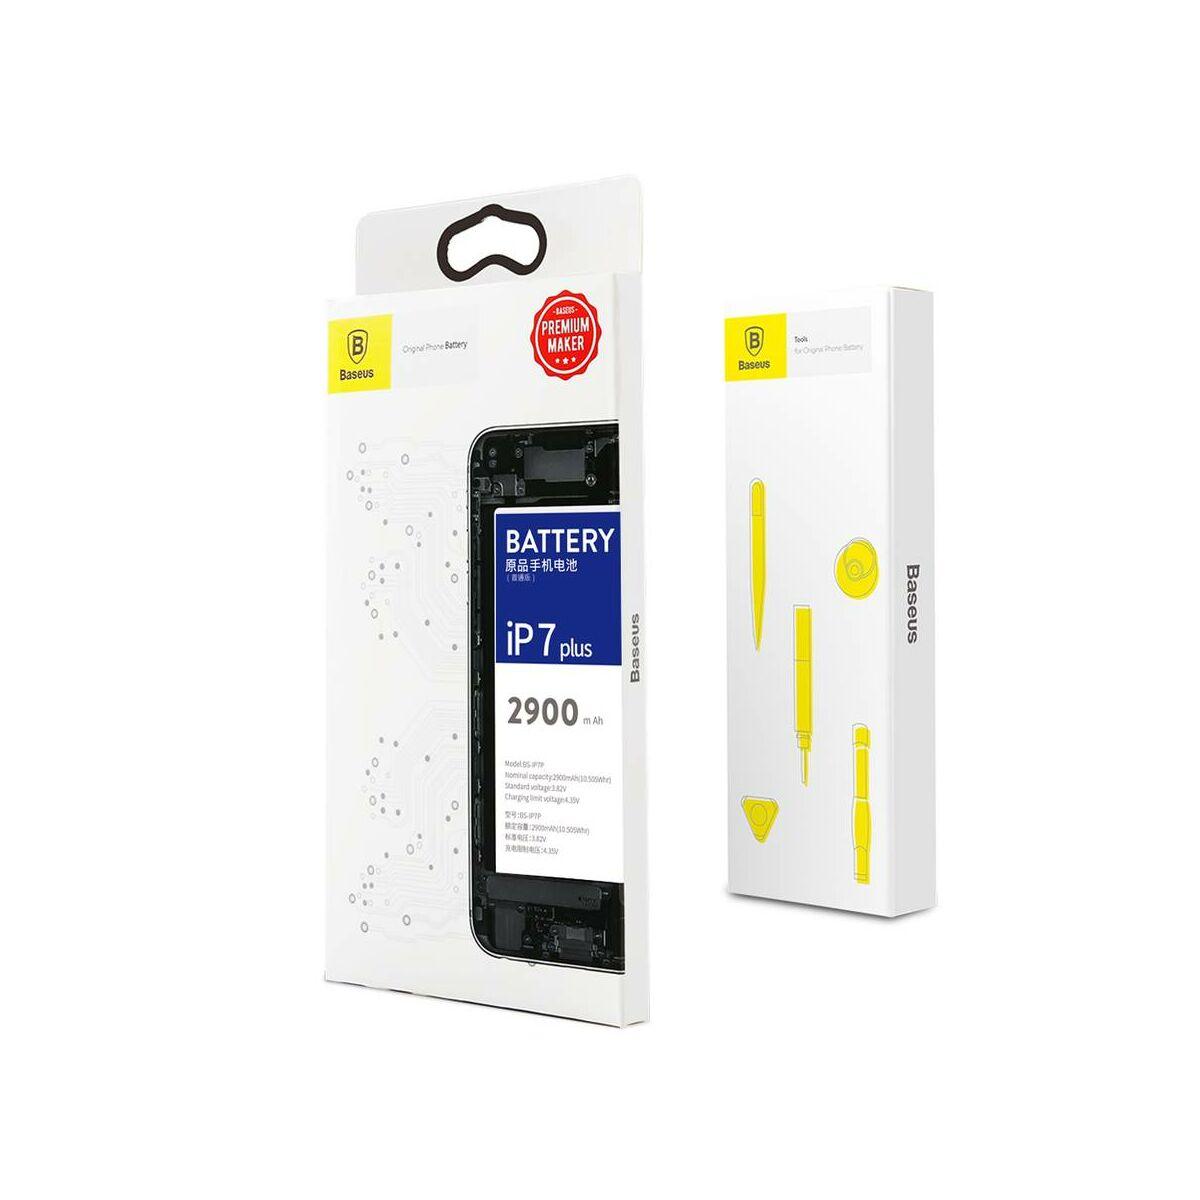 Baseus eredeti kapacitású akkumulátor iPhone 7 Plus-hoz, 2900 mAh (ACCB-AIP7P)